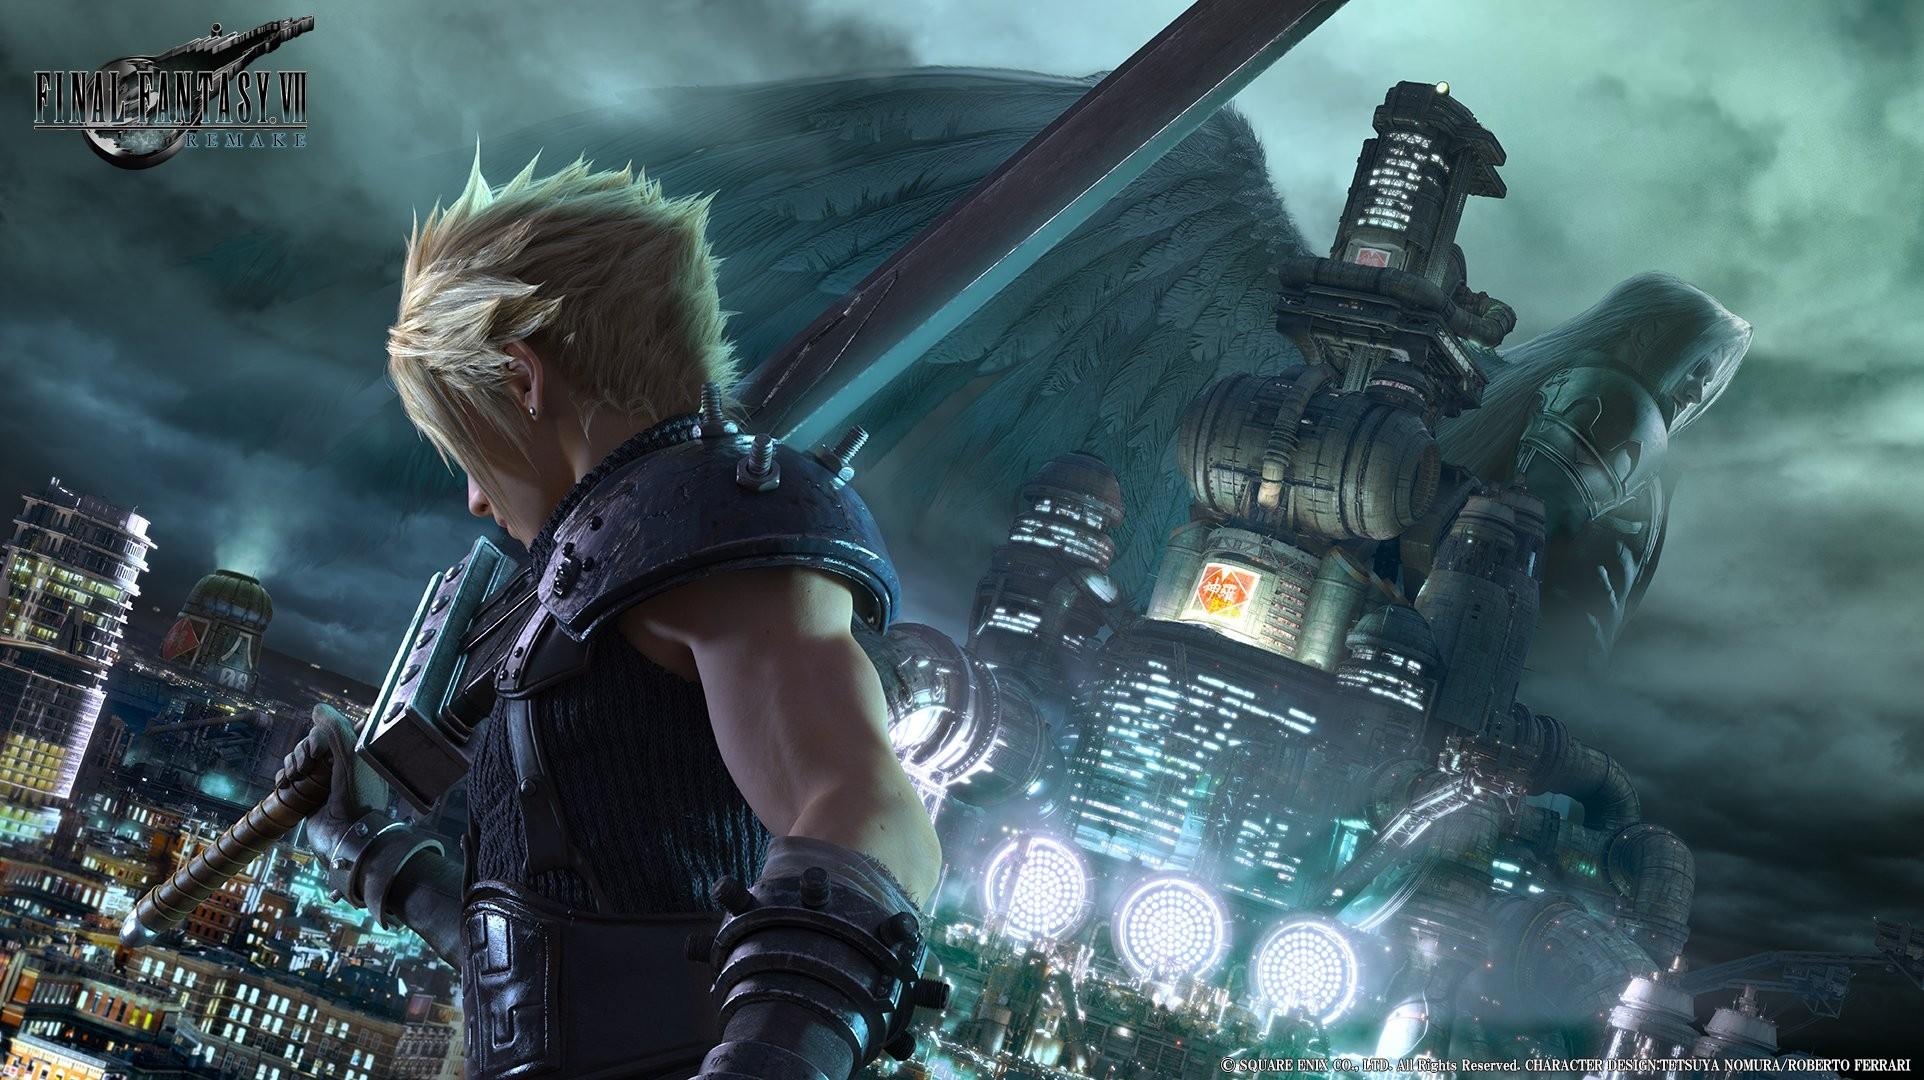 Wallpaper Video Game Langit Final Fantasy VII Cloud Strife